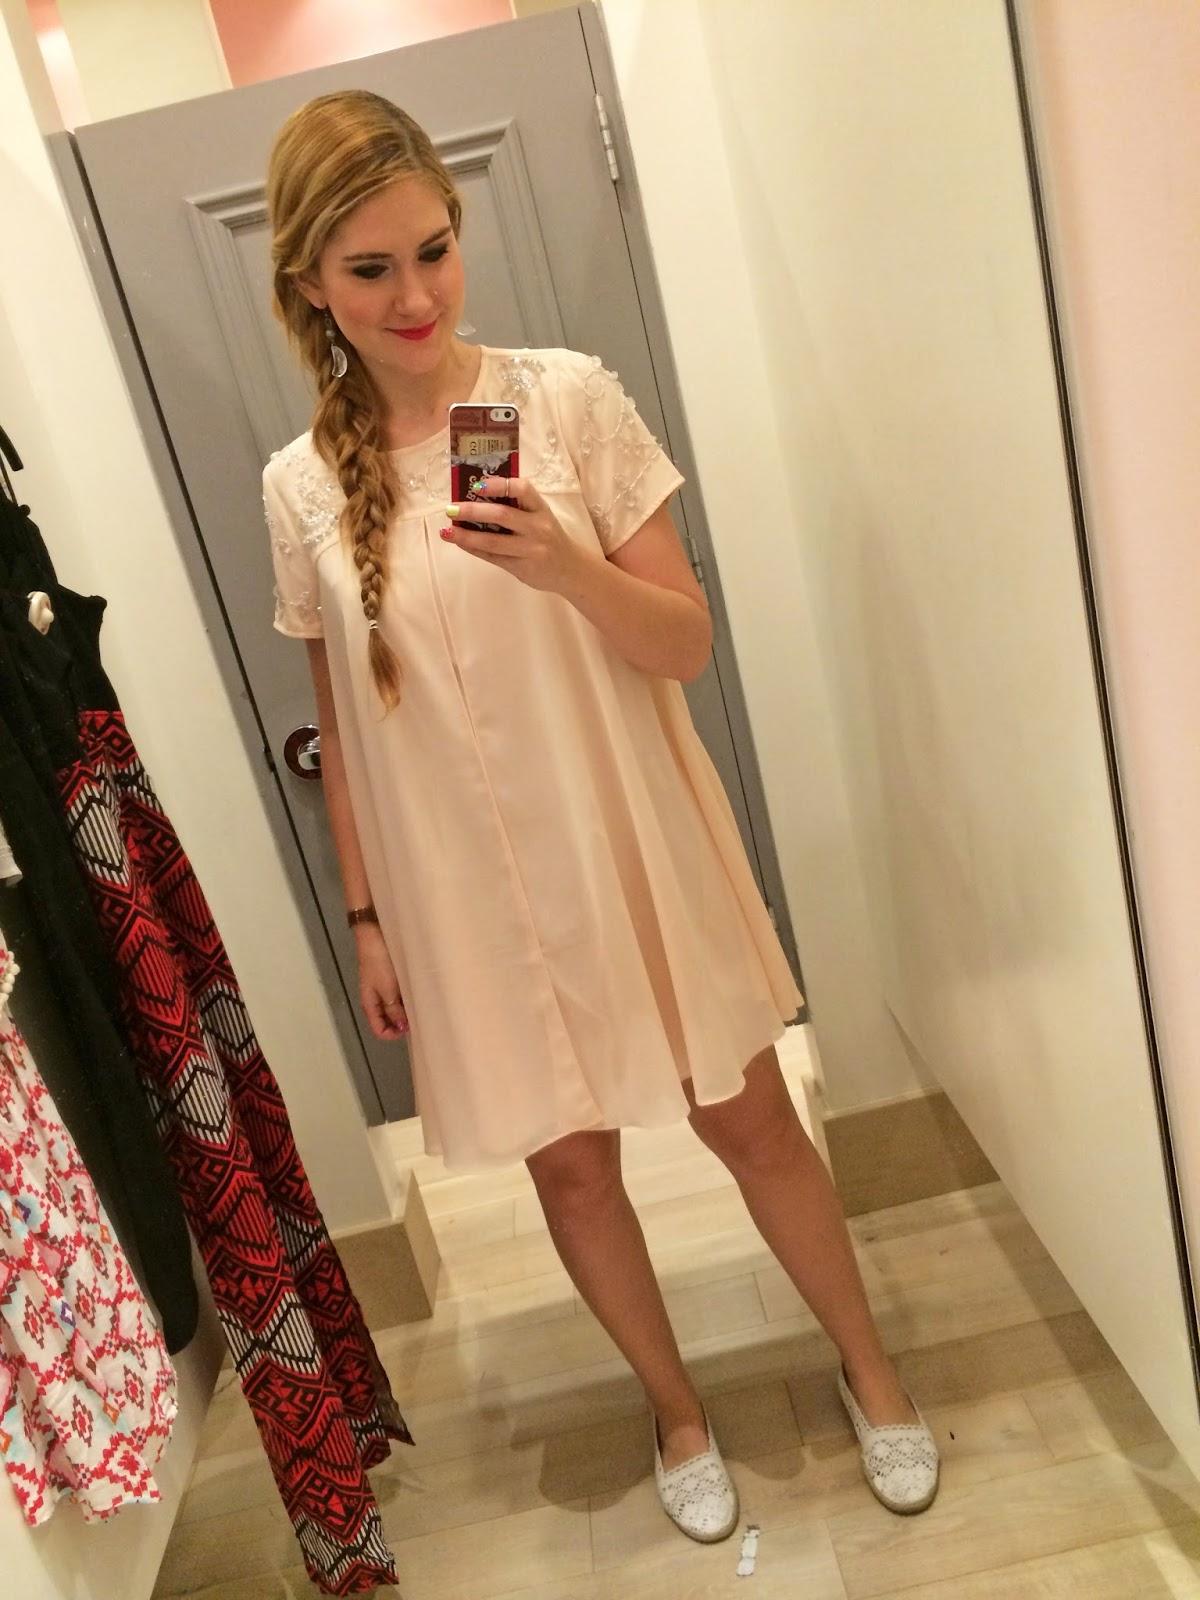 Forever21 dress, Vintage Inspired Dress, Forever 21 Panama